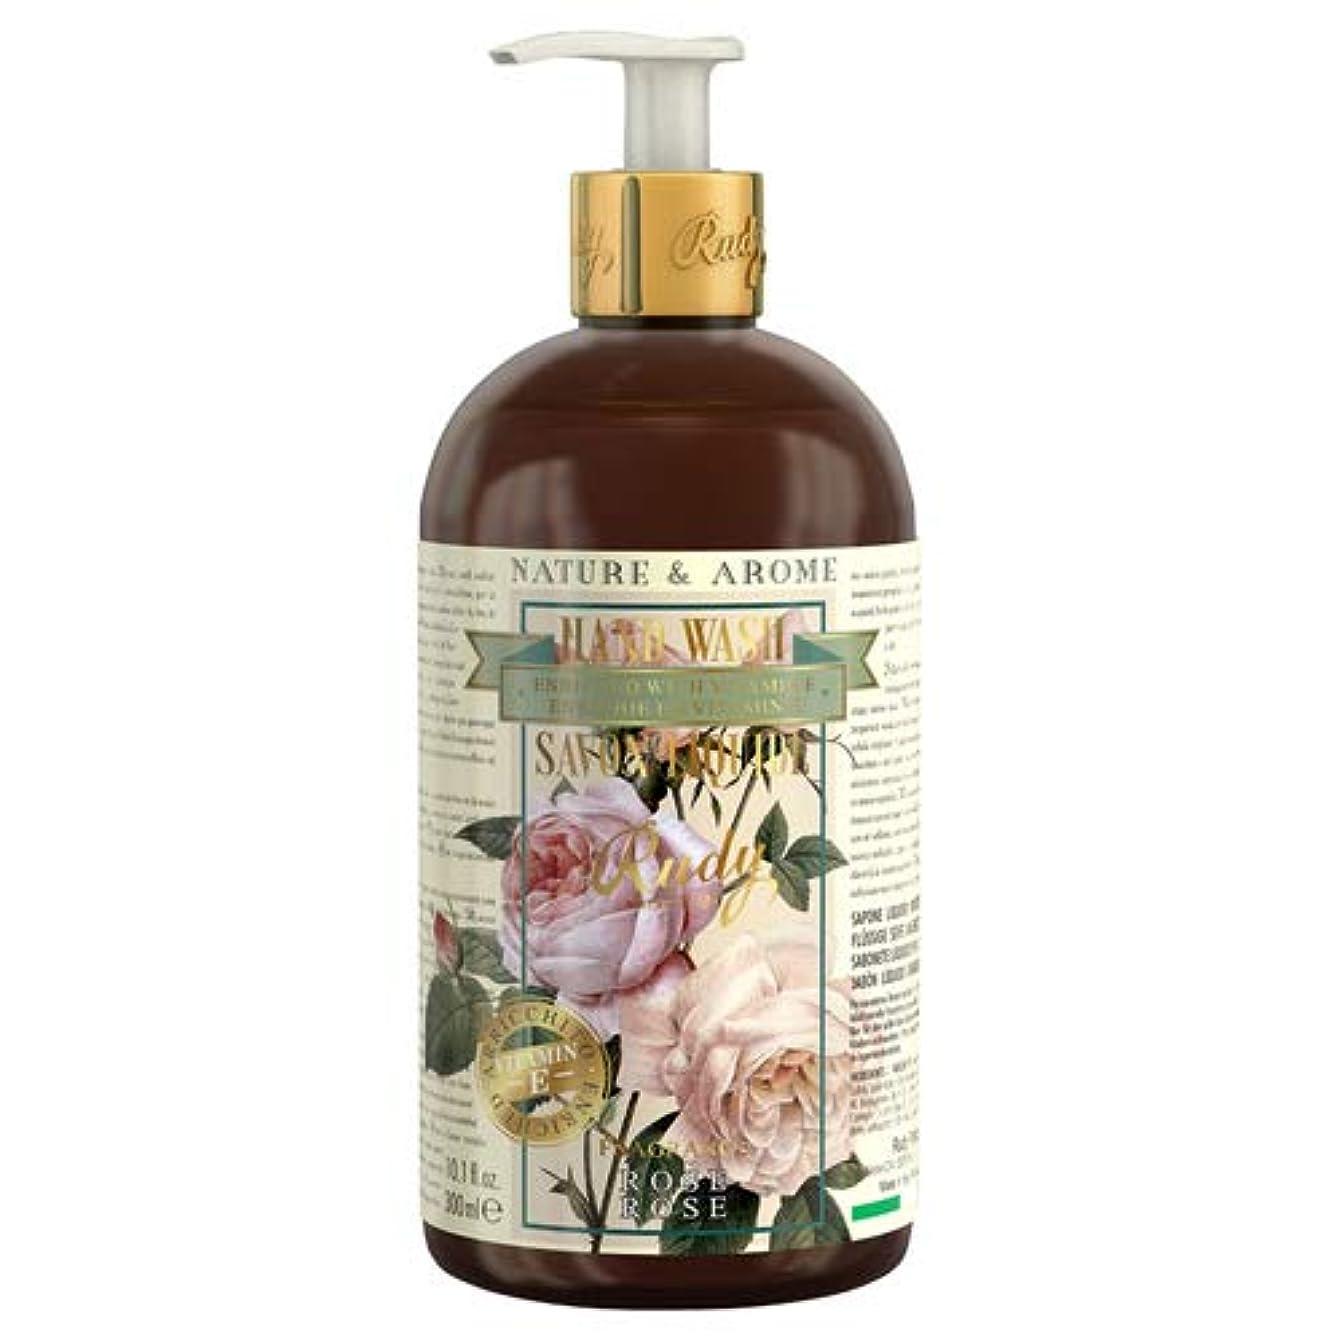 羽書き込み穏やかなRUDY Nature&Arome Apothecary ネイチャーアロマ アポセカリー Hand Wash ハンドウォッシュ(ボディソープ) Rose ローズ